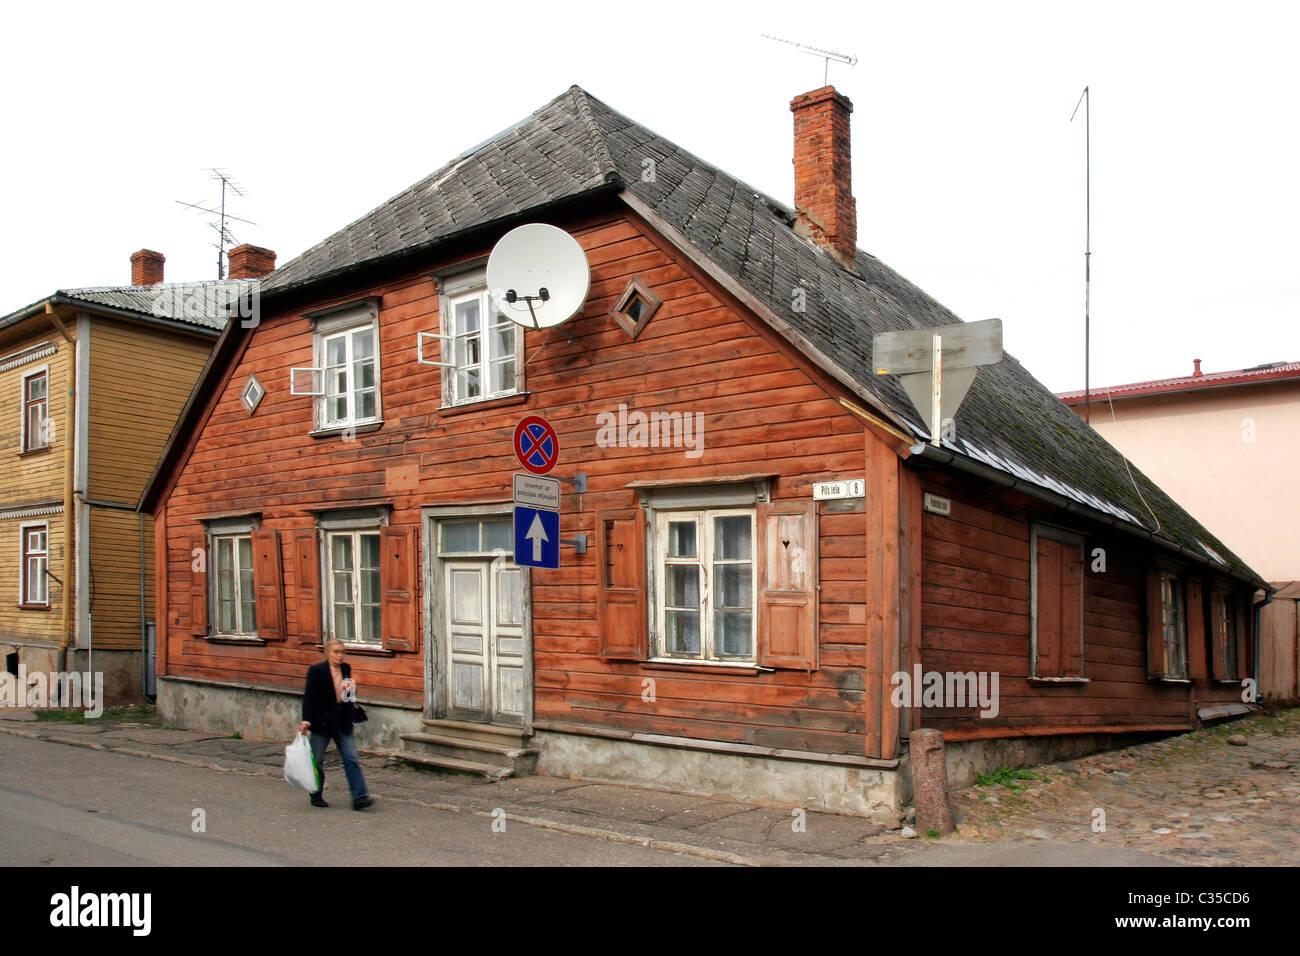 Cesis, Letonia. - Stock Image